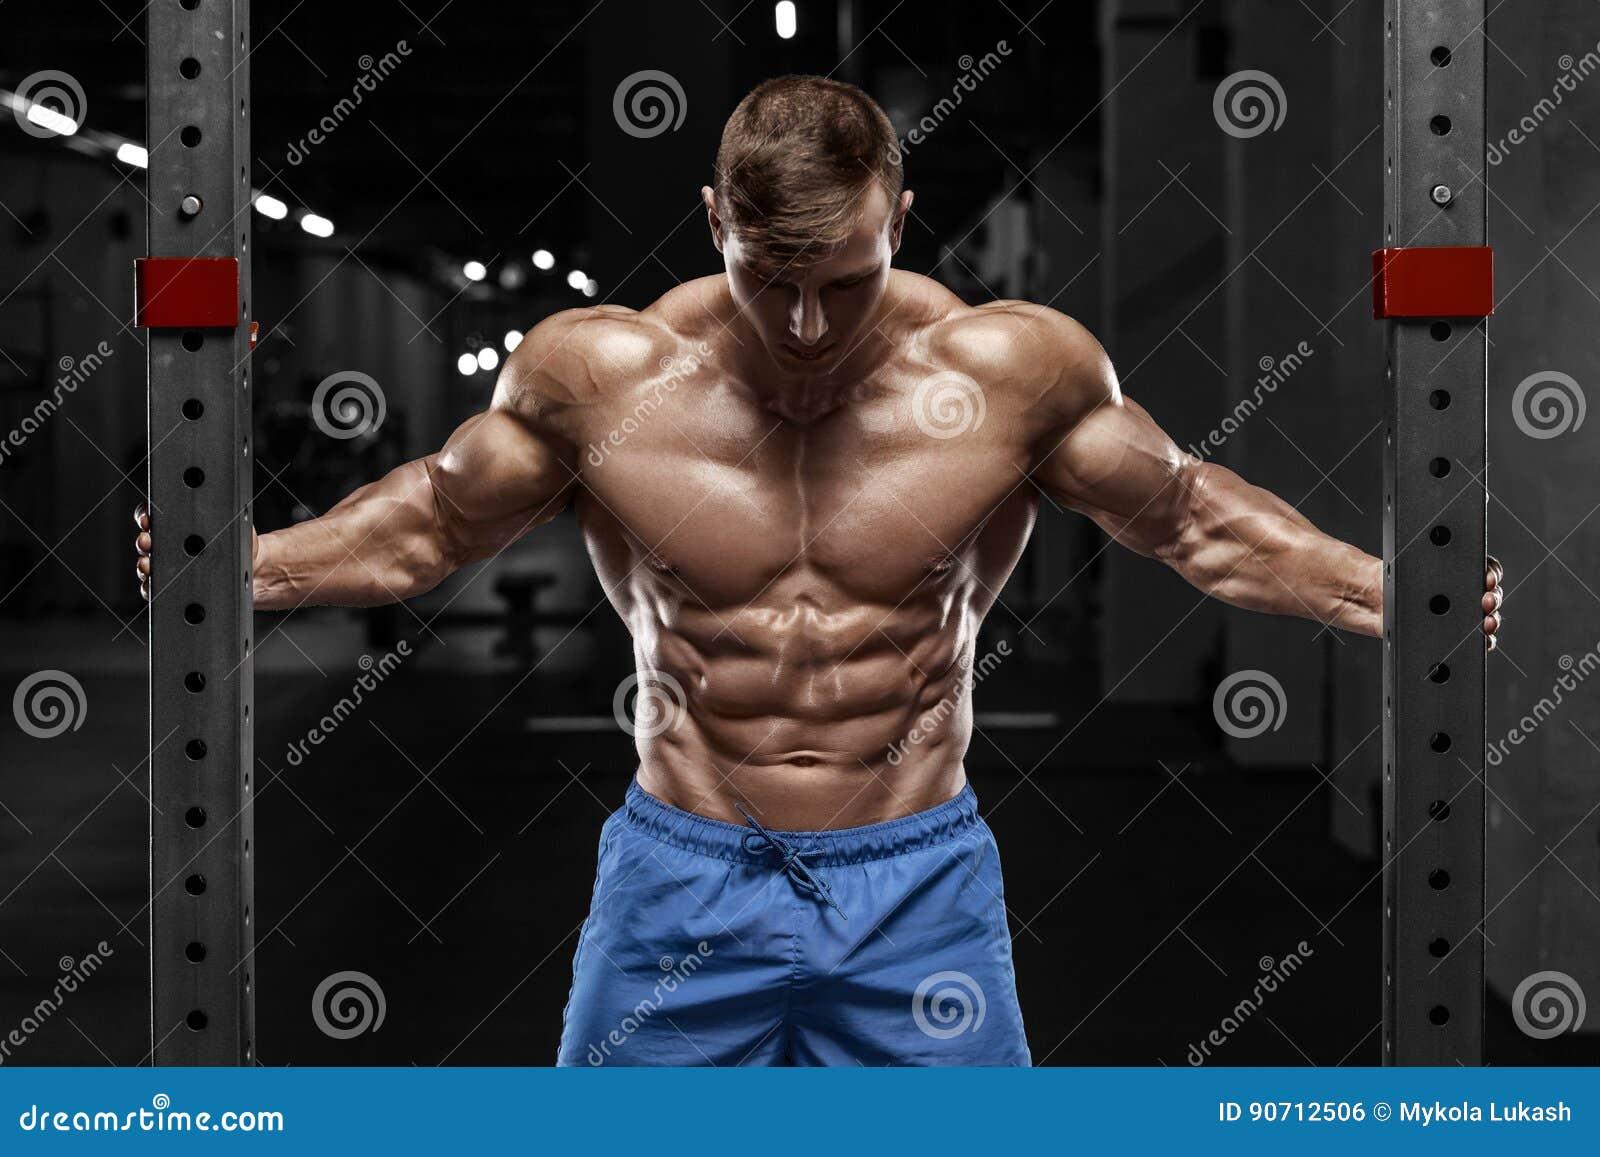 Uomo muscolare sexy in palestra, addominale a forma di Forte ABS nudo maschio del torso, risolvente